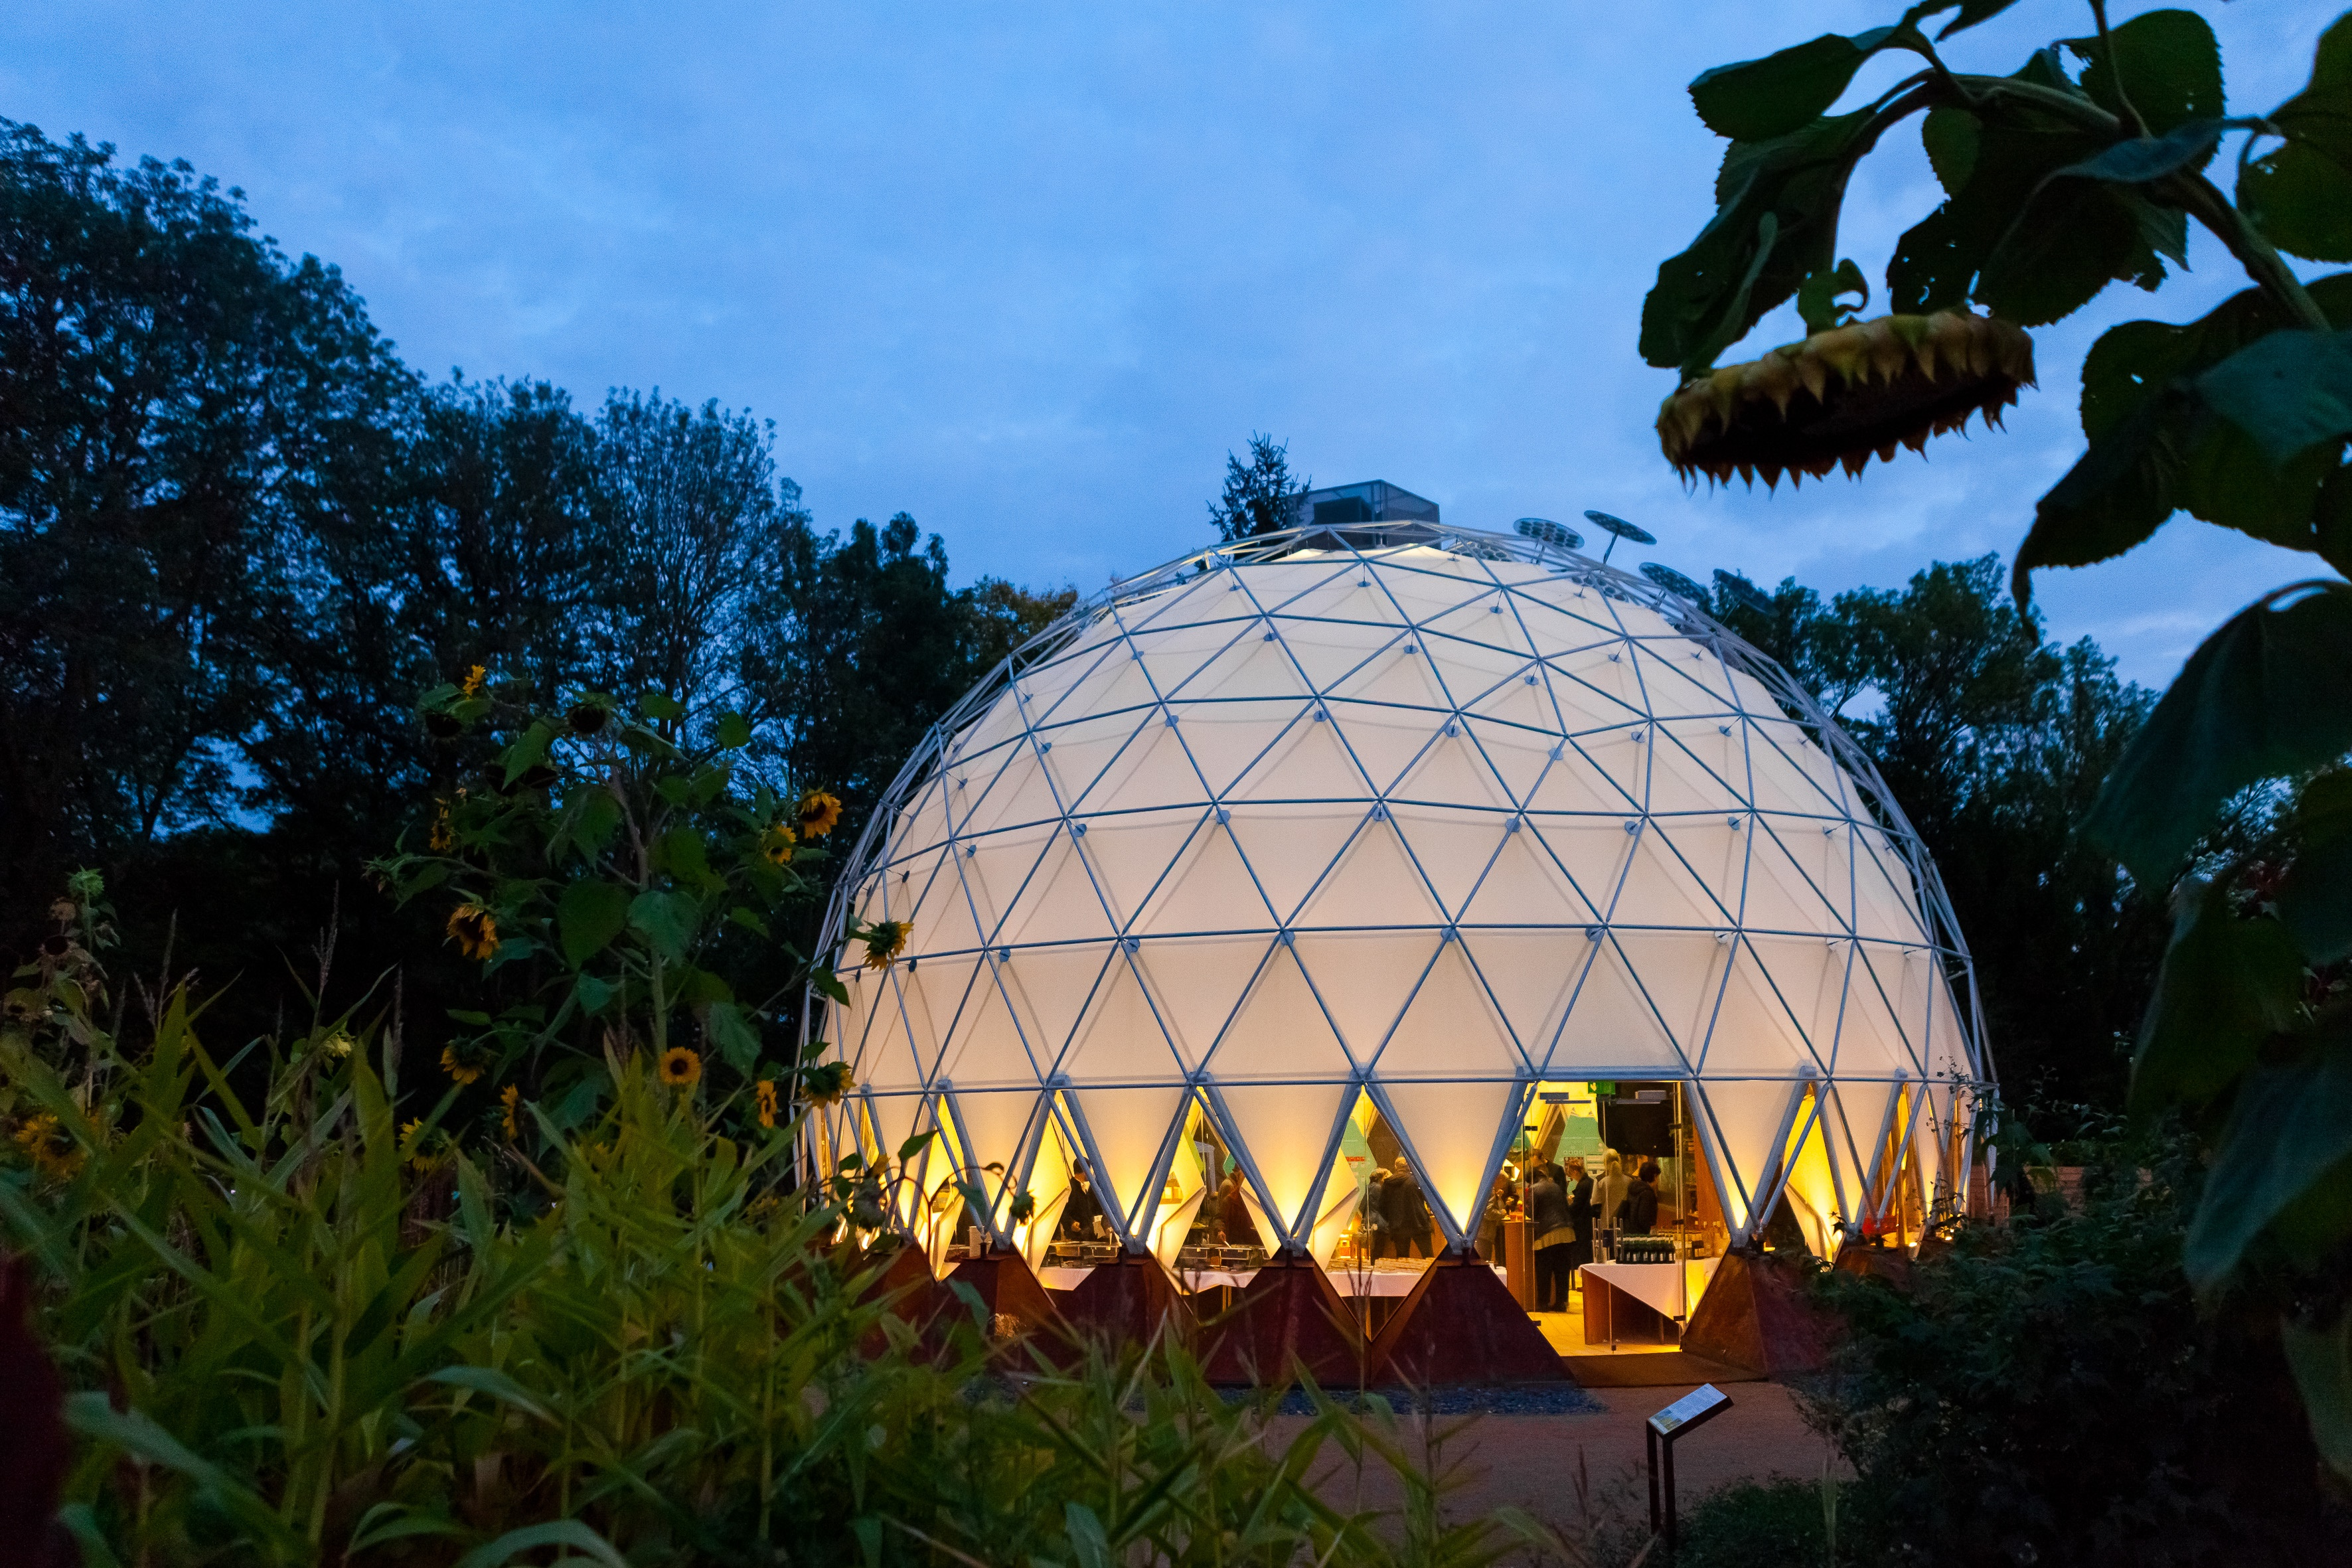 http://www.kunst-schafft-wissen.org/wp-content/uploads/2018/01/Klima-Pavillon_Nacht.jpg